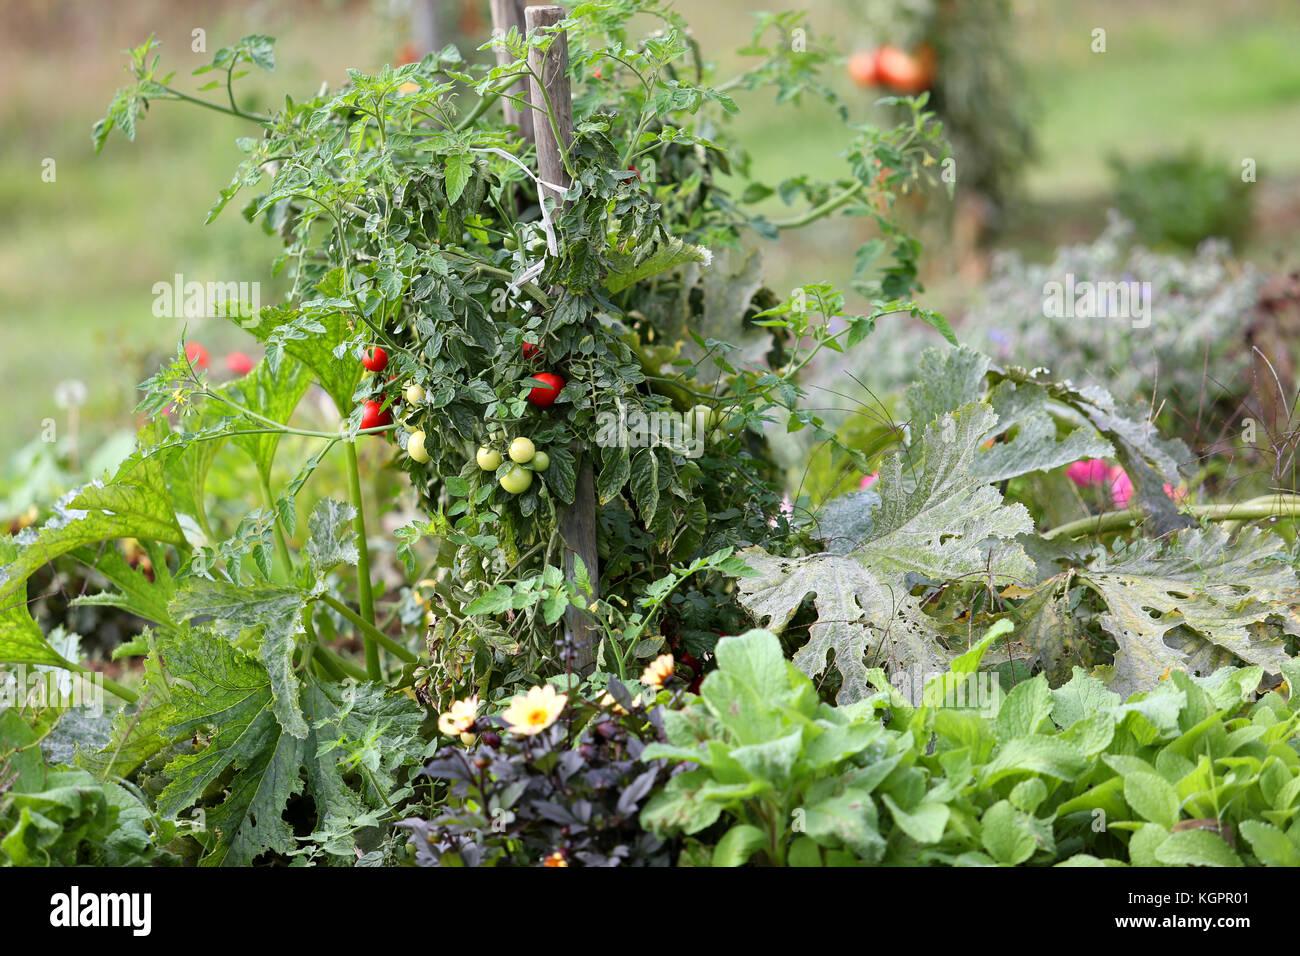 Acercamiento de los tomates de huerta Imagen De Stock